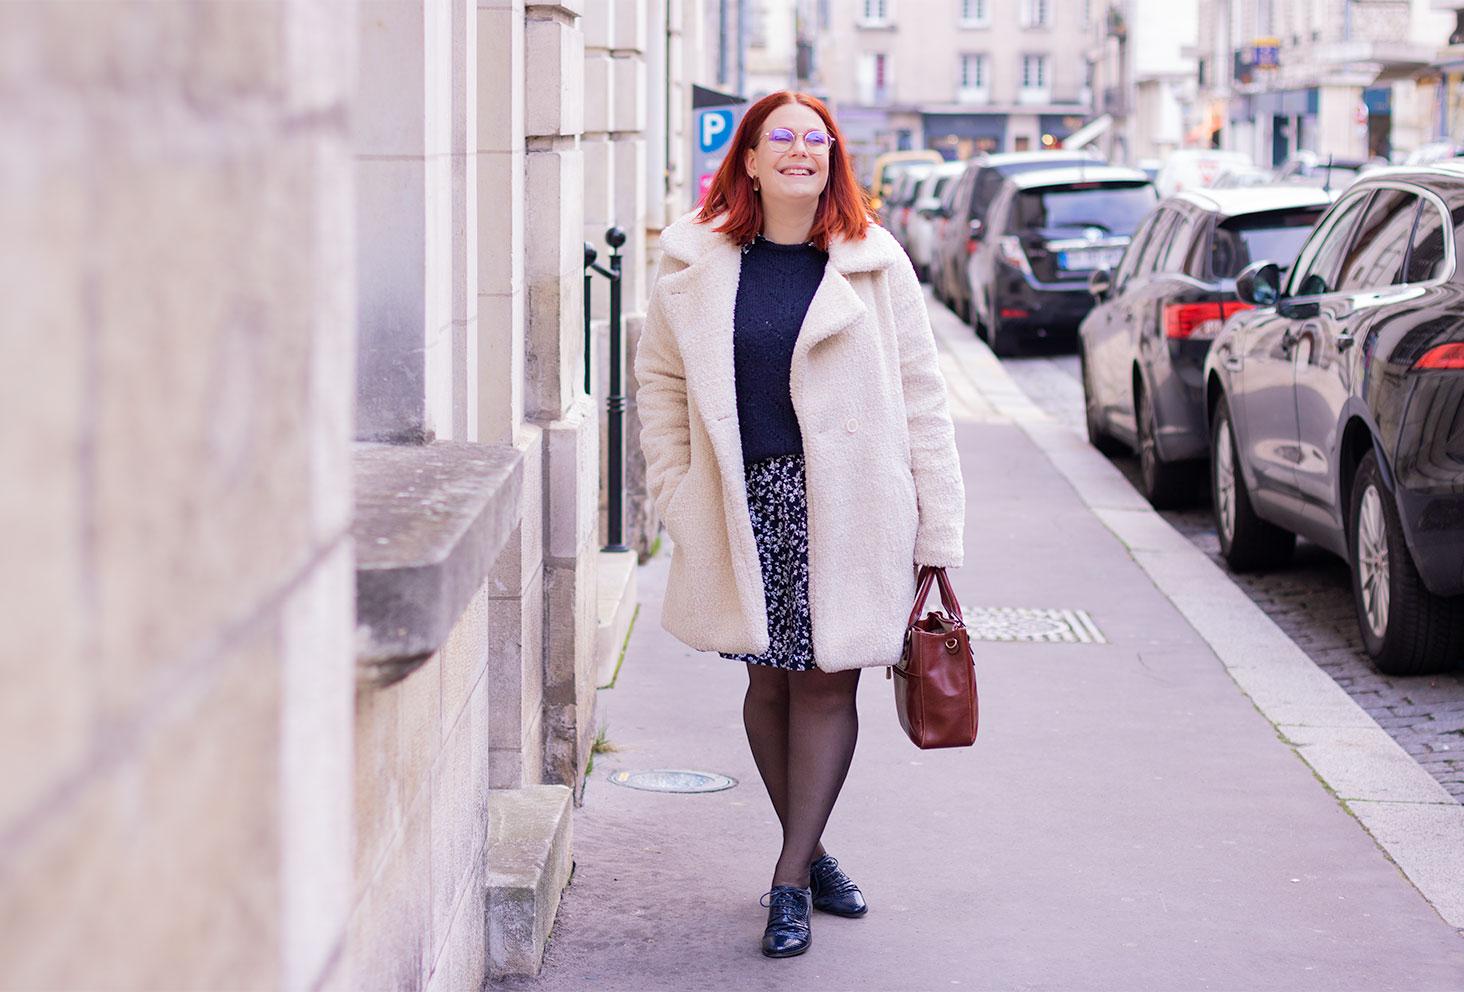 Look en manteau blanc sur le trottoir dans la rue près des voitures